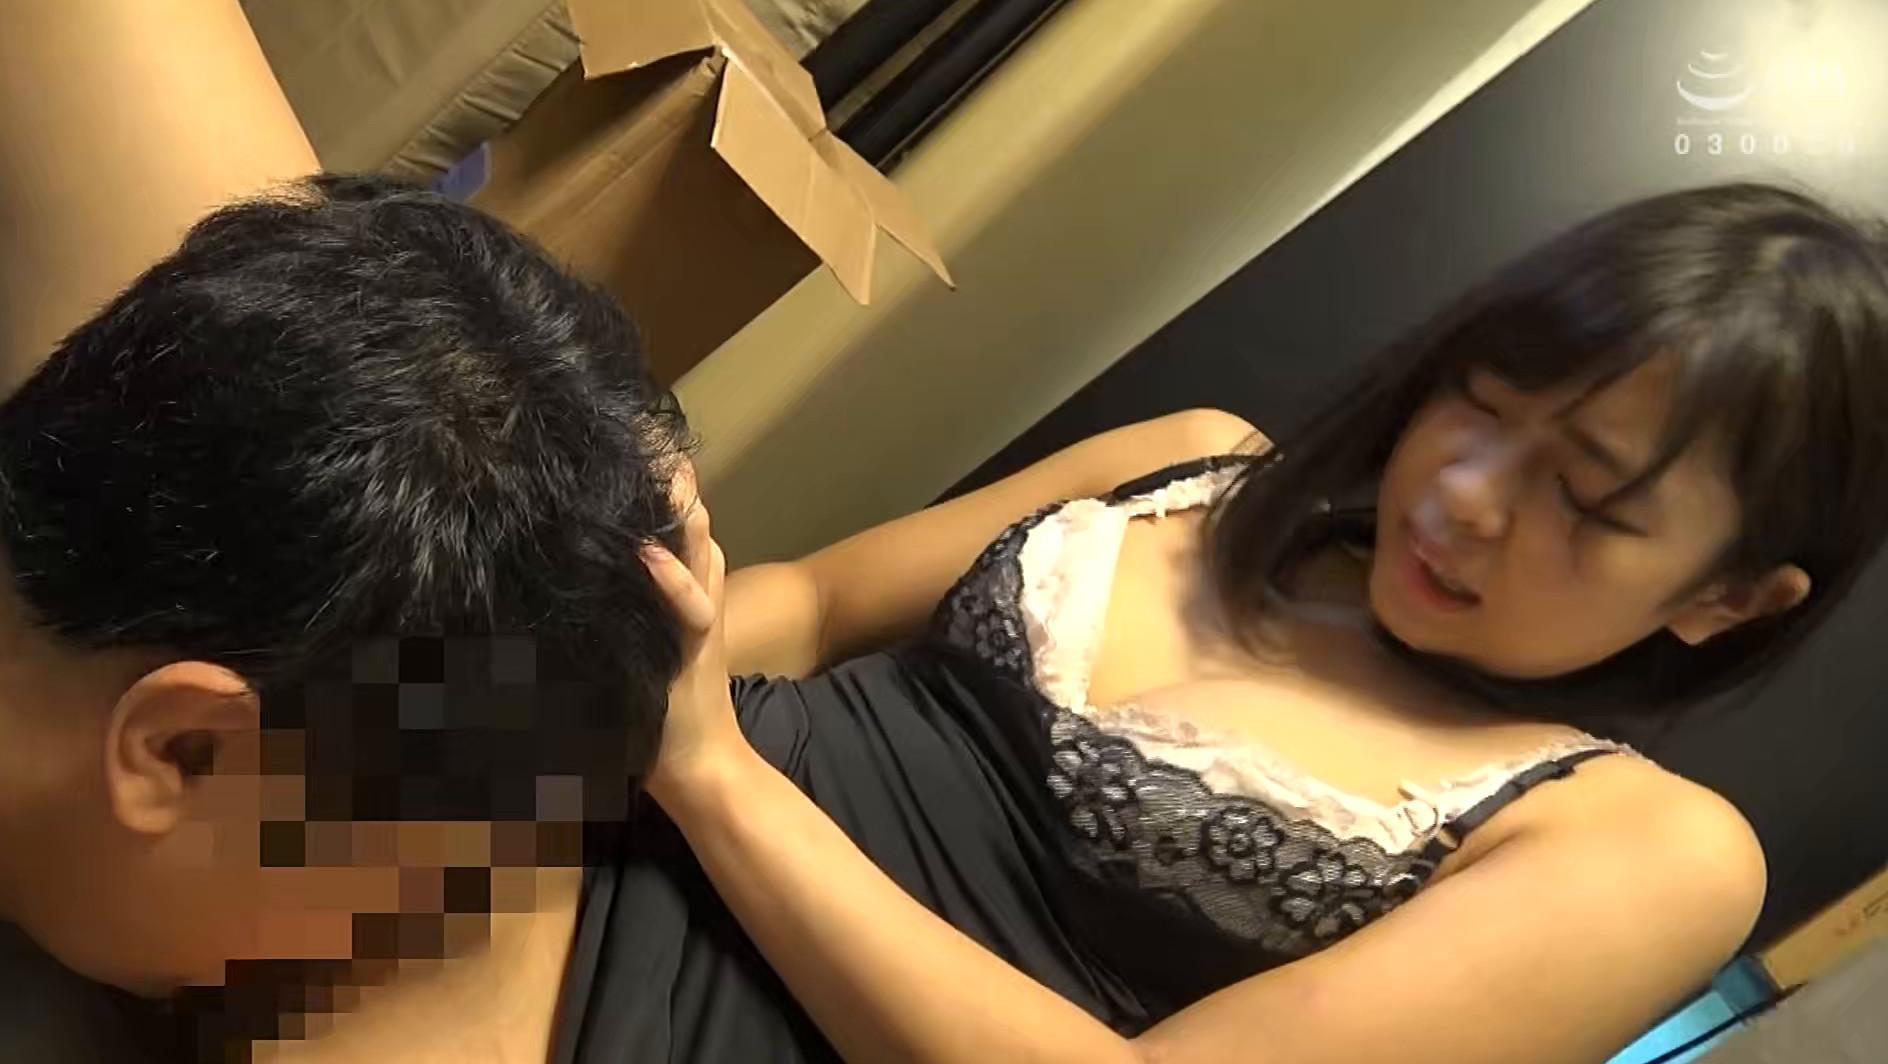 ゴーゴーズ人妻リモート忘年会~欲望の密宴2020~あちらこちらで蜜まみれ!?裏側全部見せます180分スペシャル 画像4